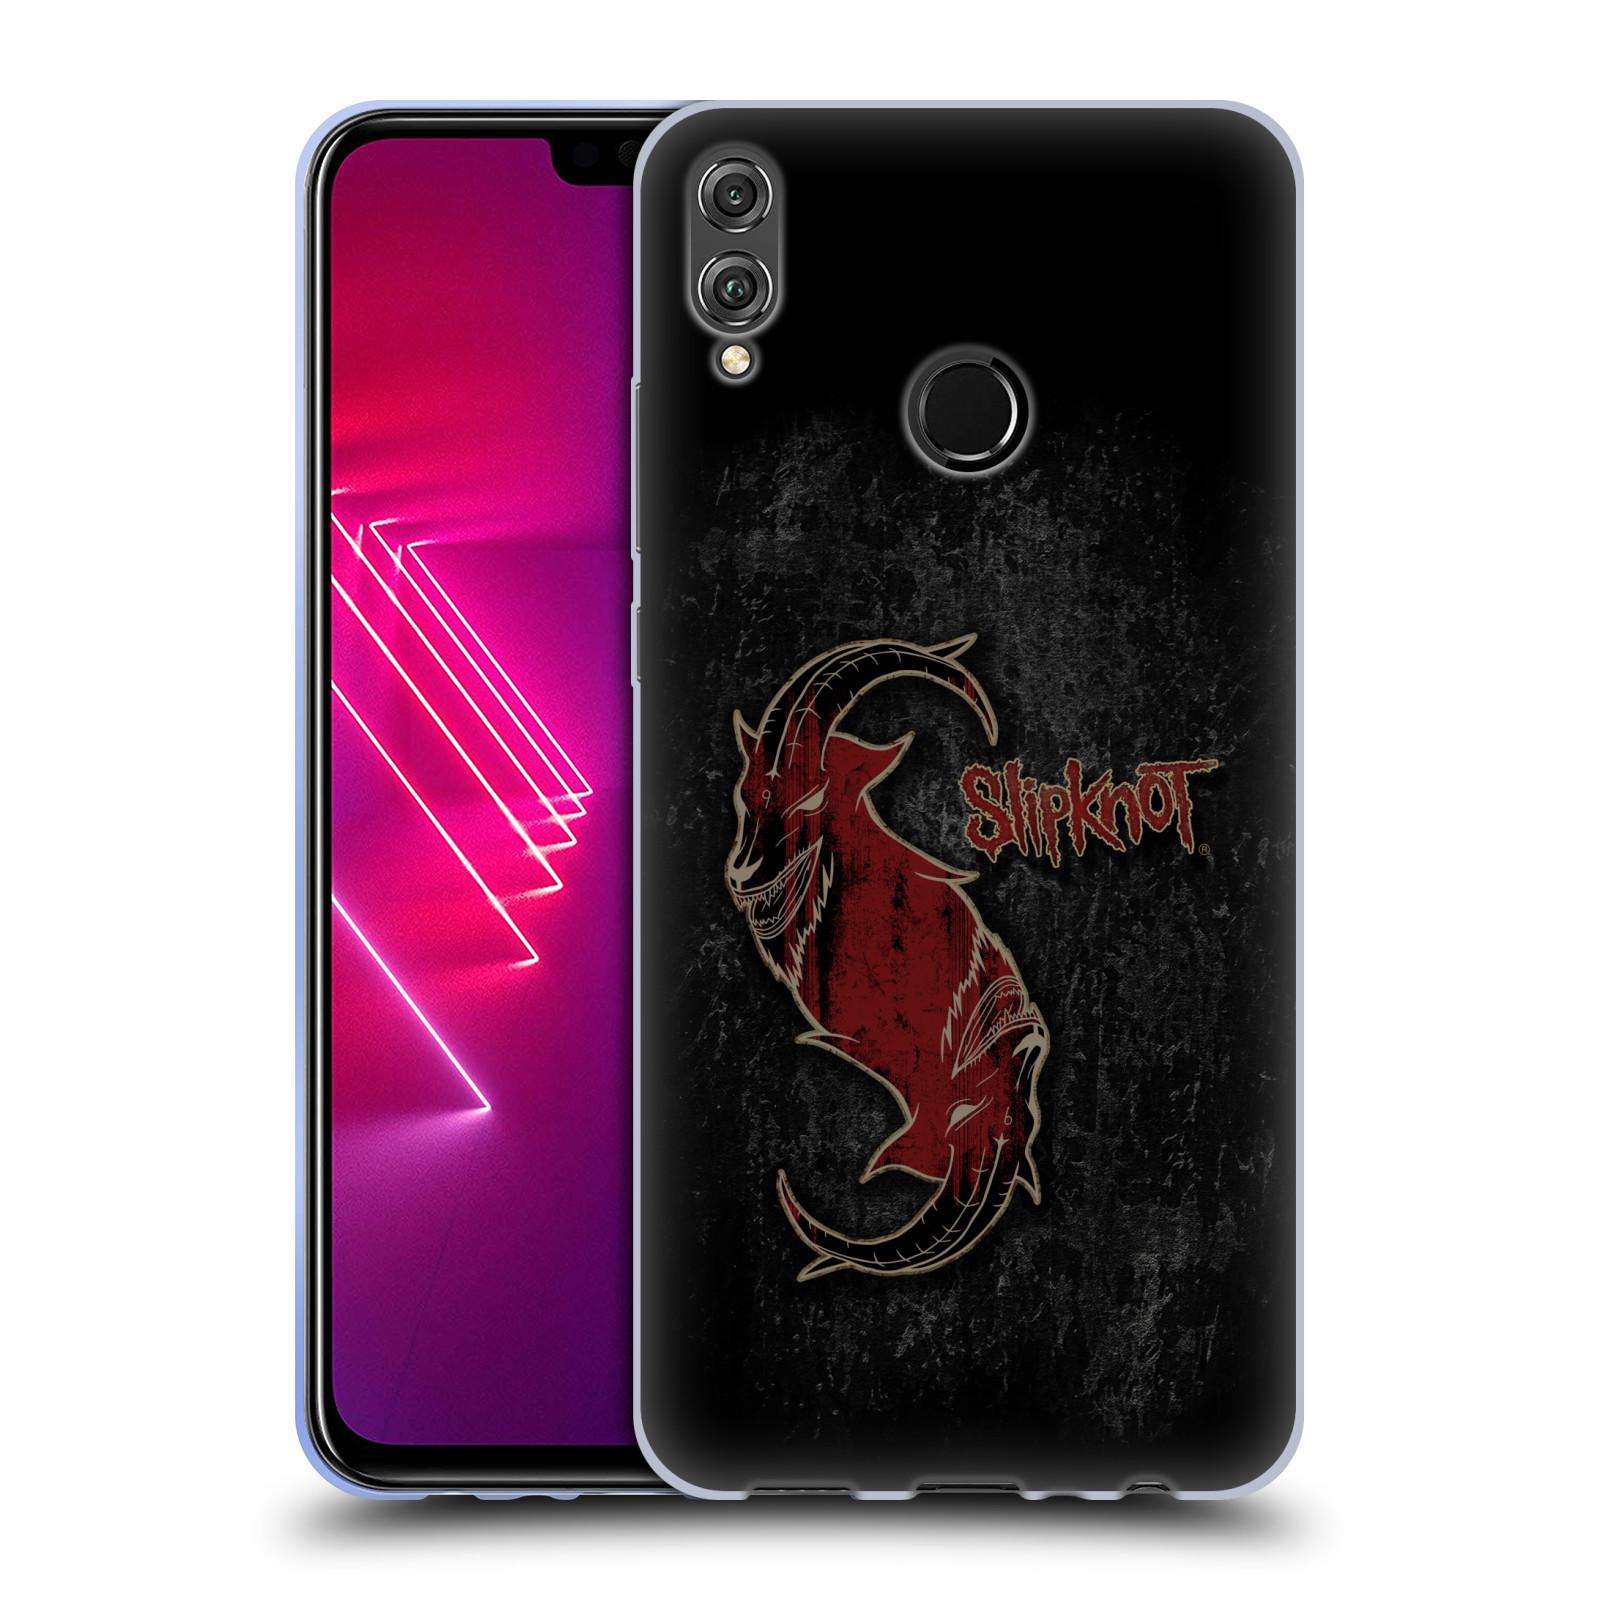 Silikonové pouzdro na mobil Honor View 10 Lite - Head Case - Slipknot - Rudý kozel